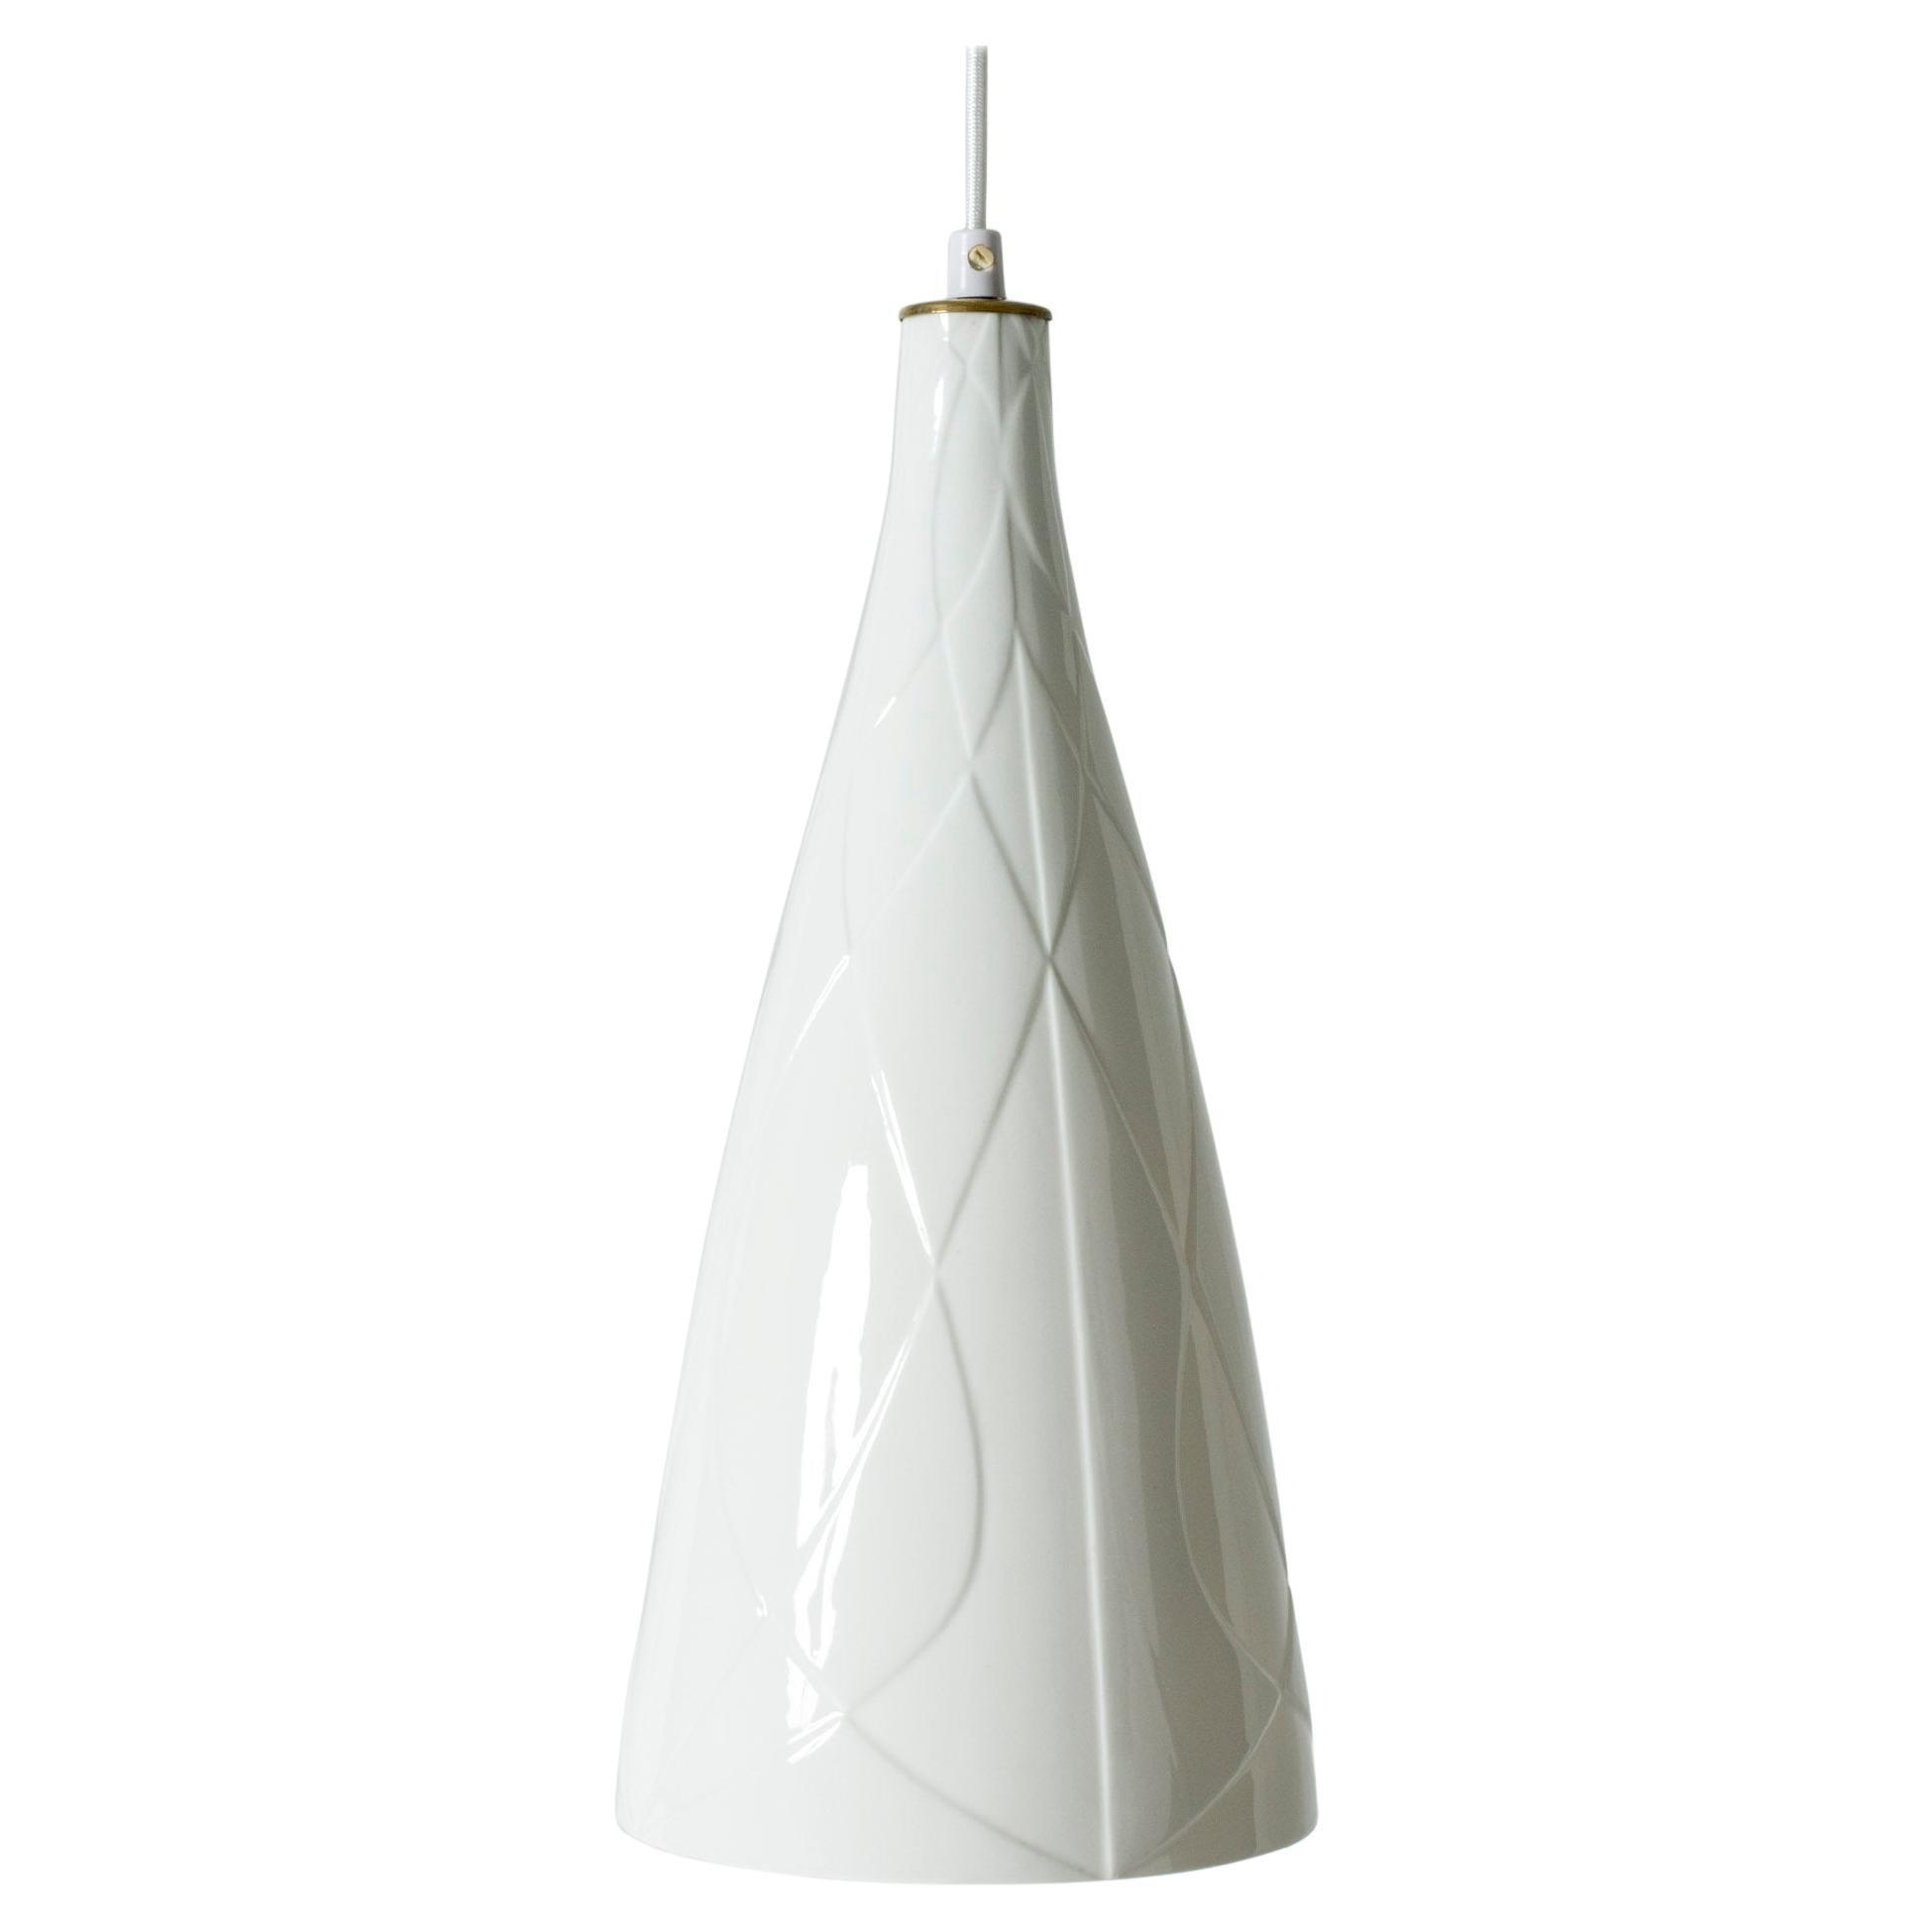 Ceramic Pendant Ceiling Lamp by Carl-Harry Stålhane for Rörstrand, Sweden, 1950s